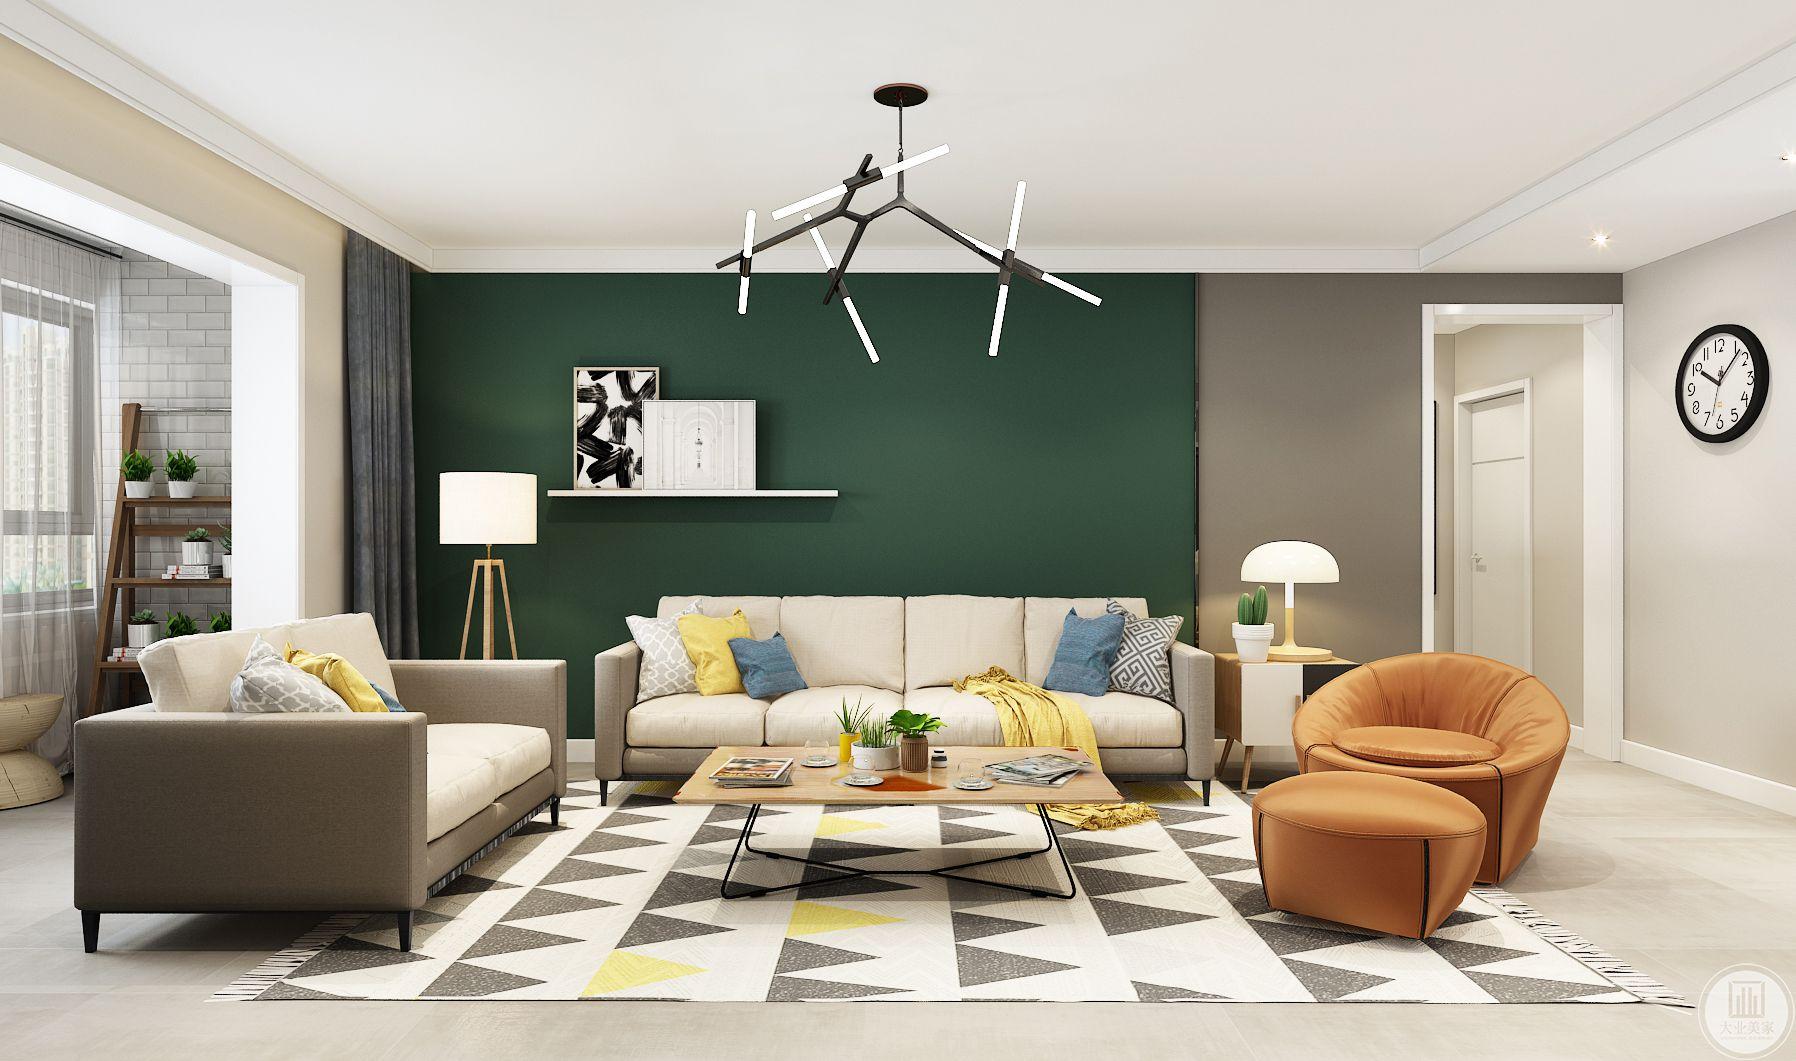 客厅装修效果图:沙发墙使用深绿色,沙发采用深灰色白色装饰,茶几采用实木板加黑色框架,地面采用浅色瓷砖,地毯灰白相间的颜色。